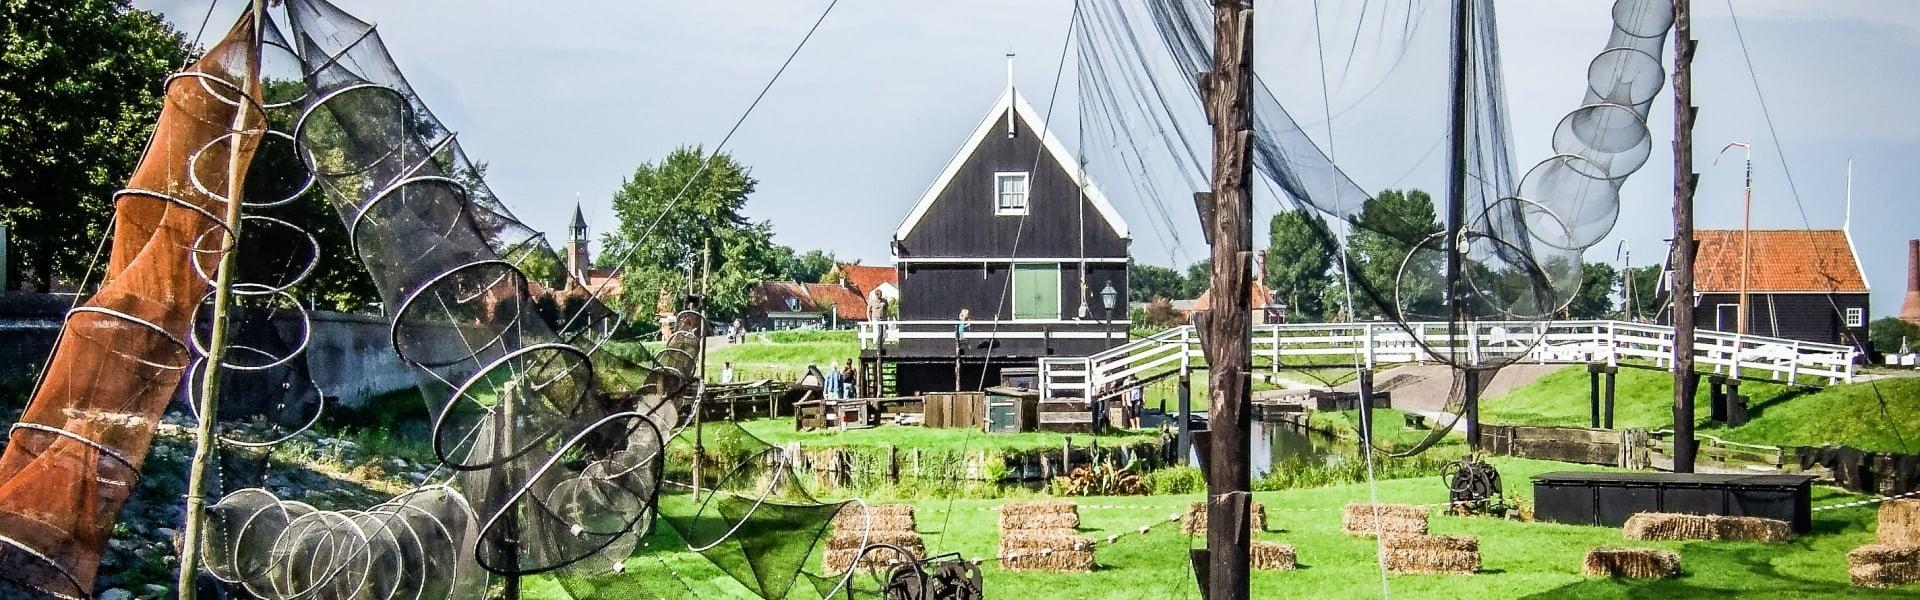 Nederland | Fietsvakantie West-Friesland